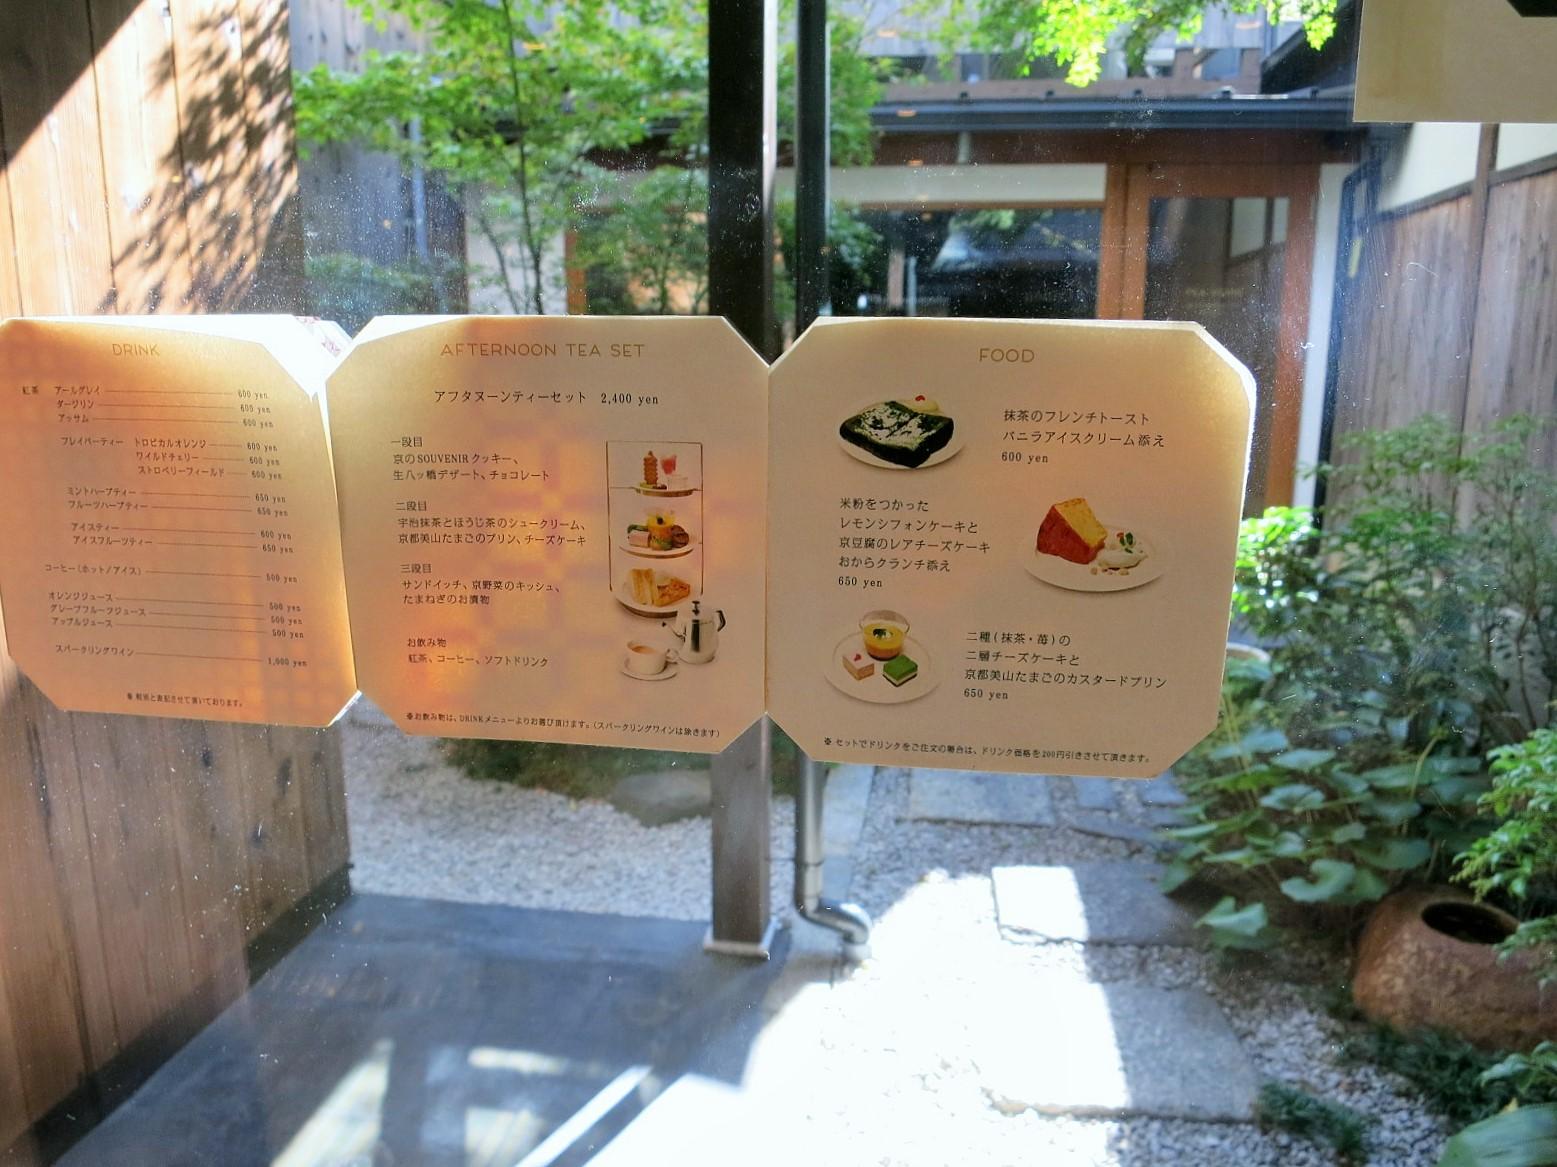 京都で朝活④ 次回の為の覚書き♪_f0236260_17121444.jpg